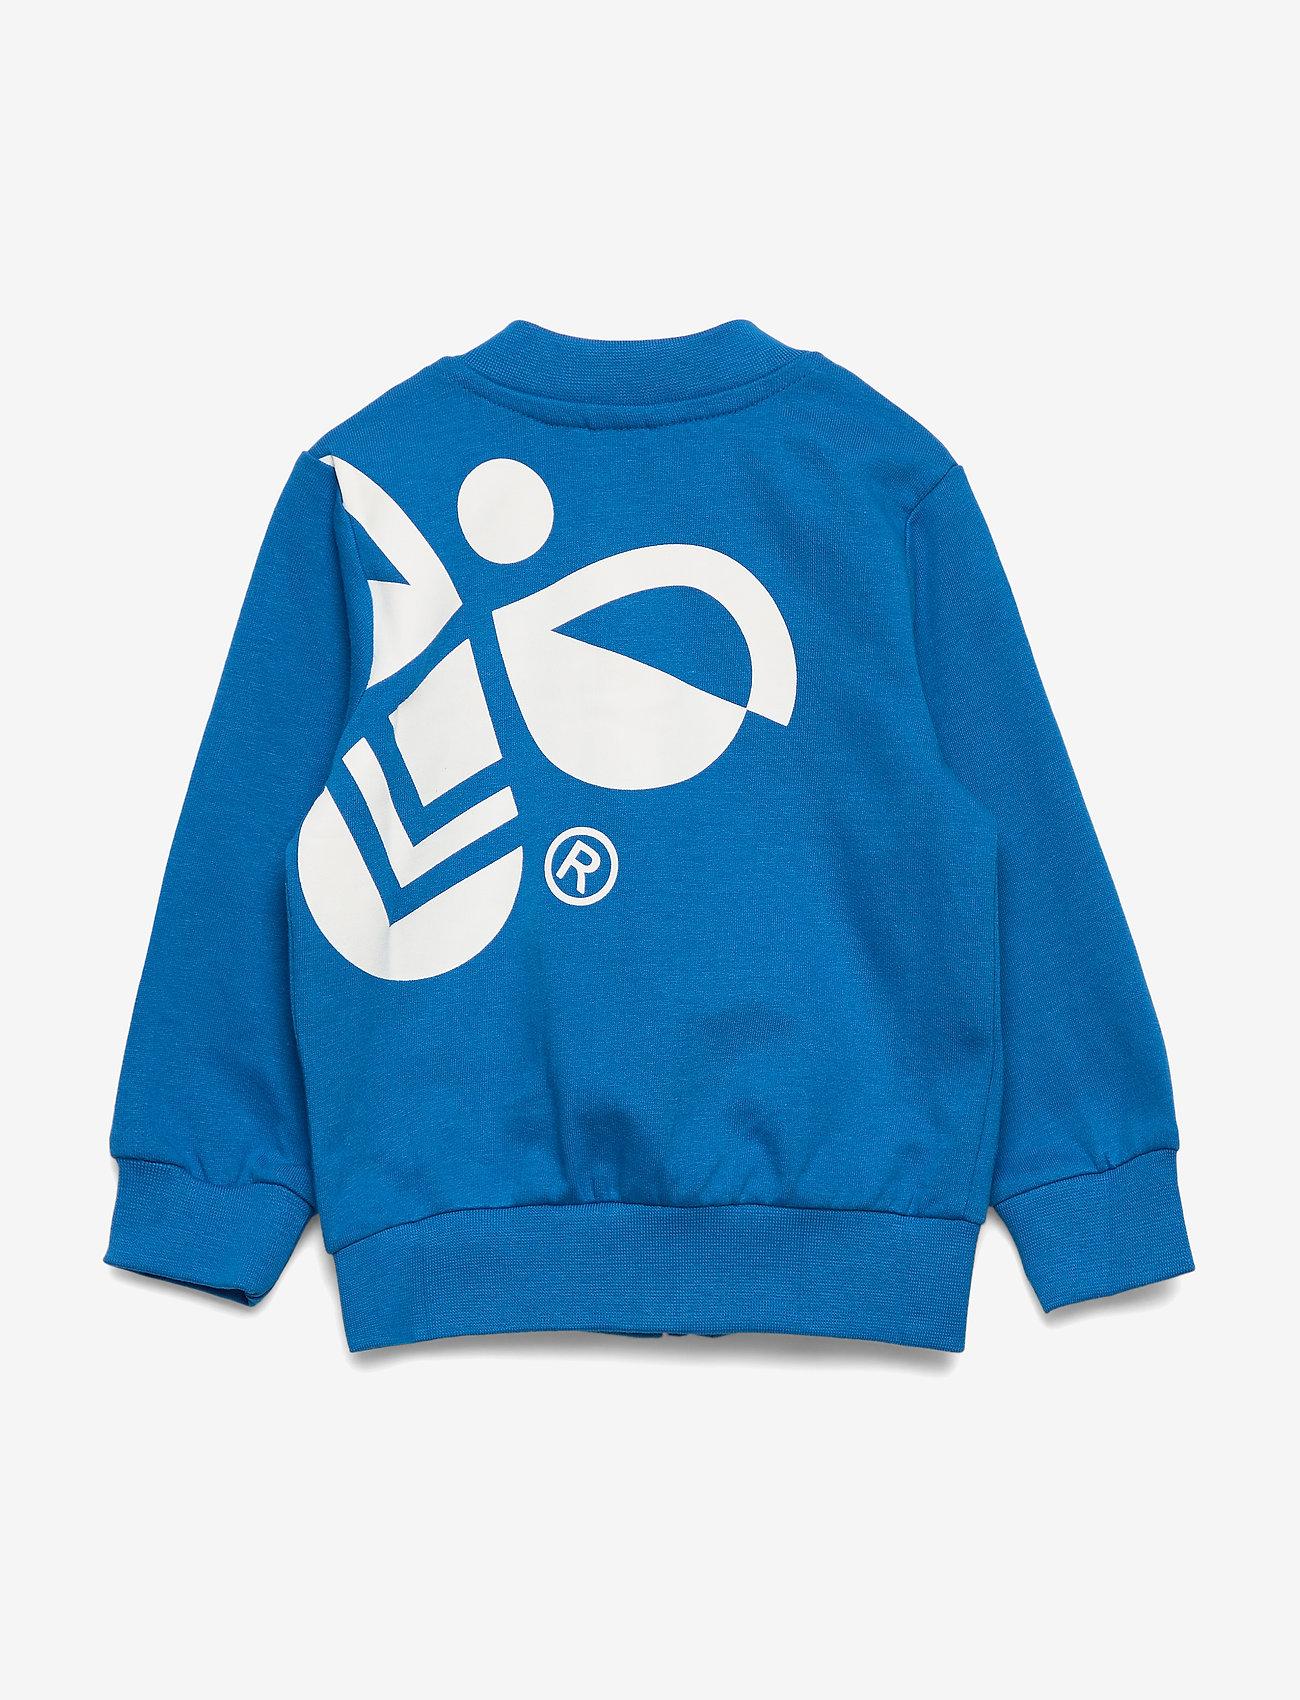 Hummel - hmlJUNO ZIP JACKET - sweatshirts - directoire blue - 1